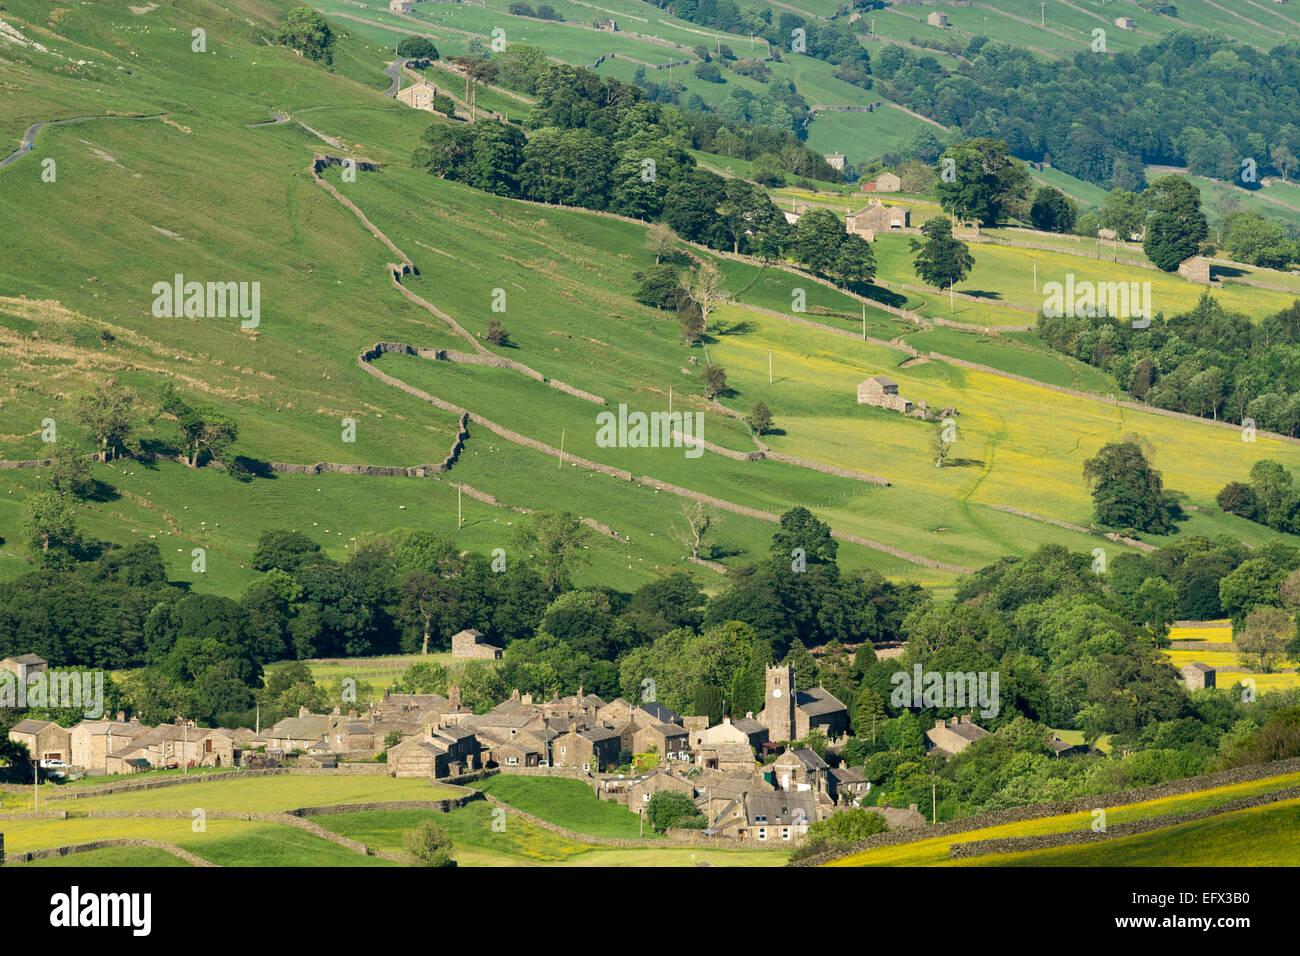 Villaggio di Muker in Swaledale, inizio estate. Yorkshire Dales National Park, Regno Unito Immagini Stock